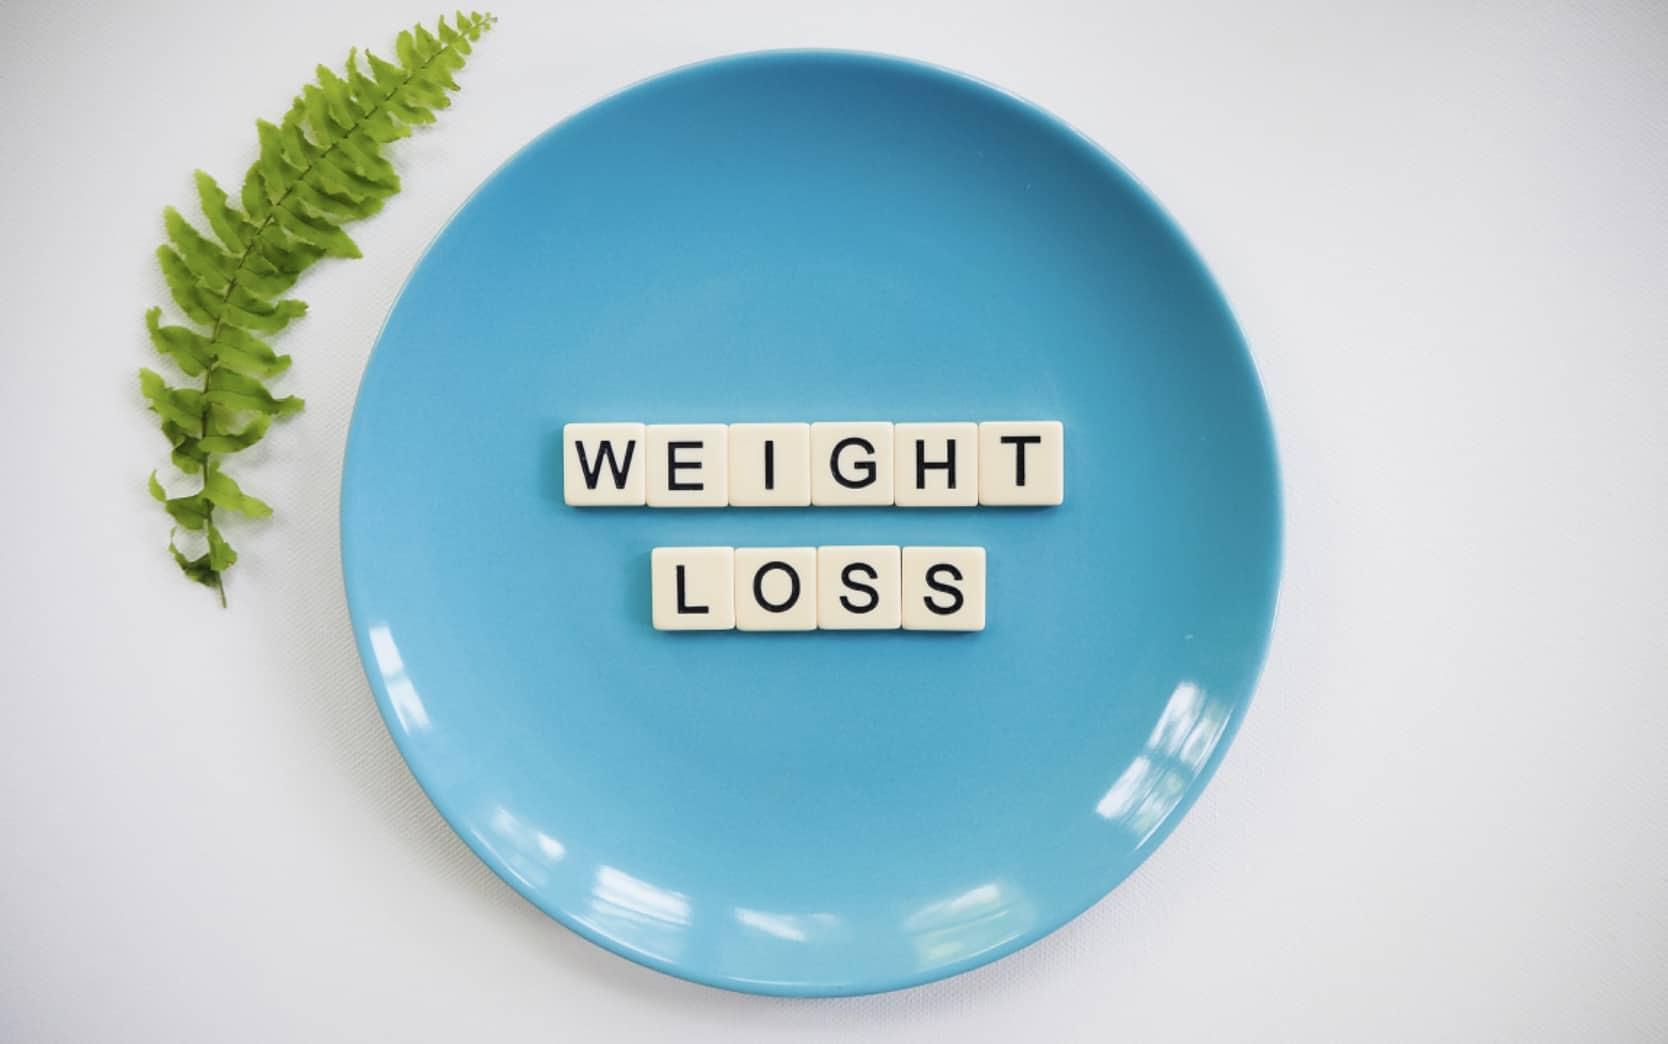 Chandler weight loss clinic - Chandler AZ weight loss center